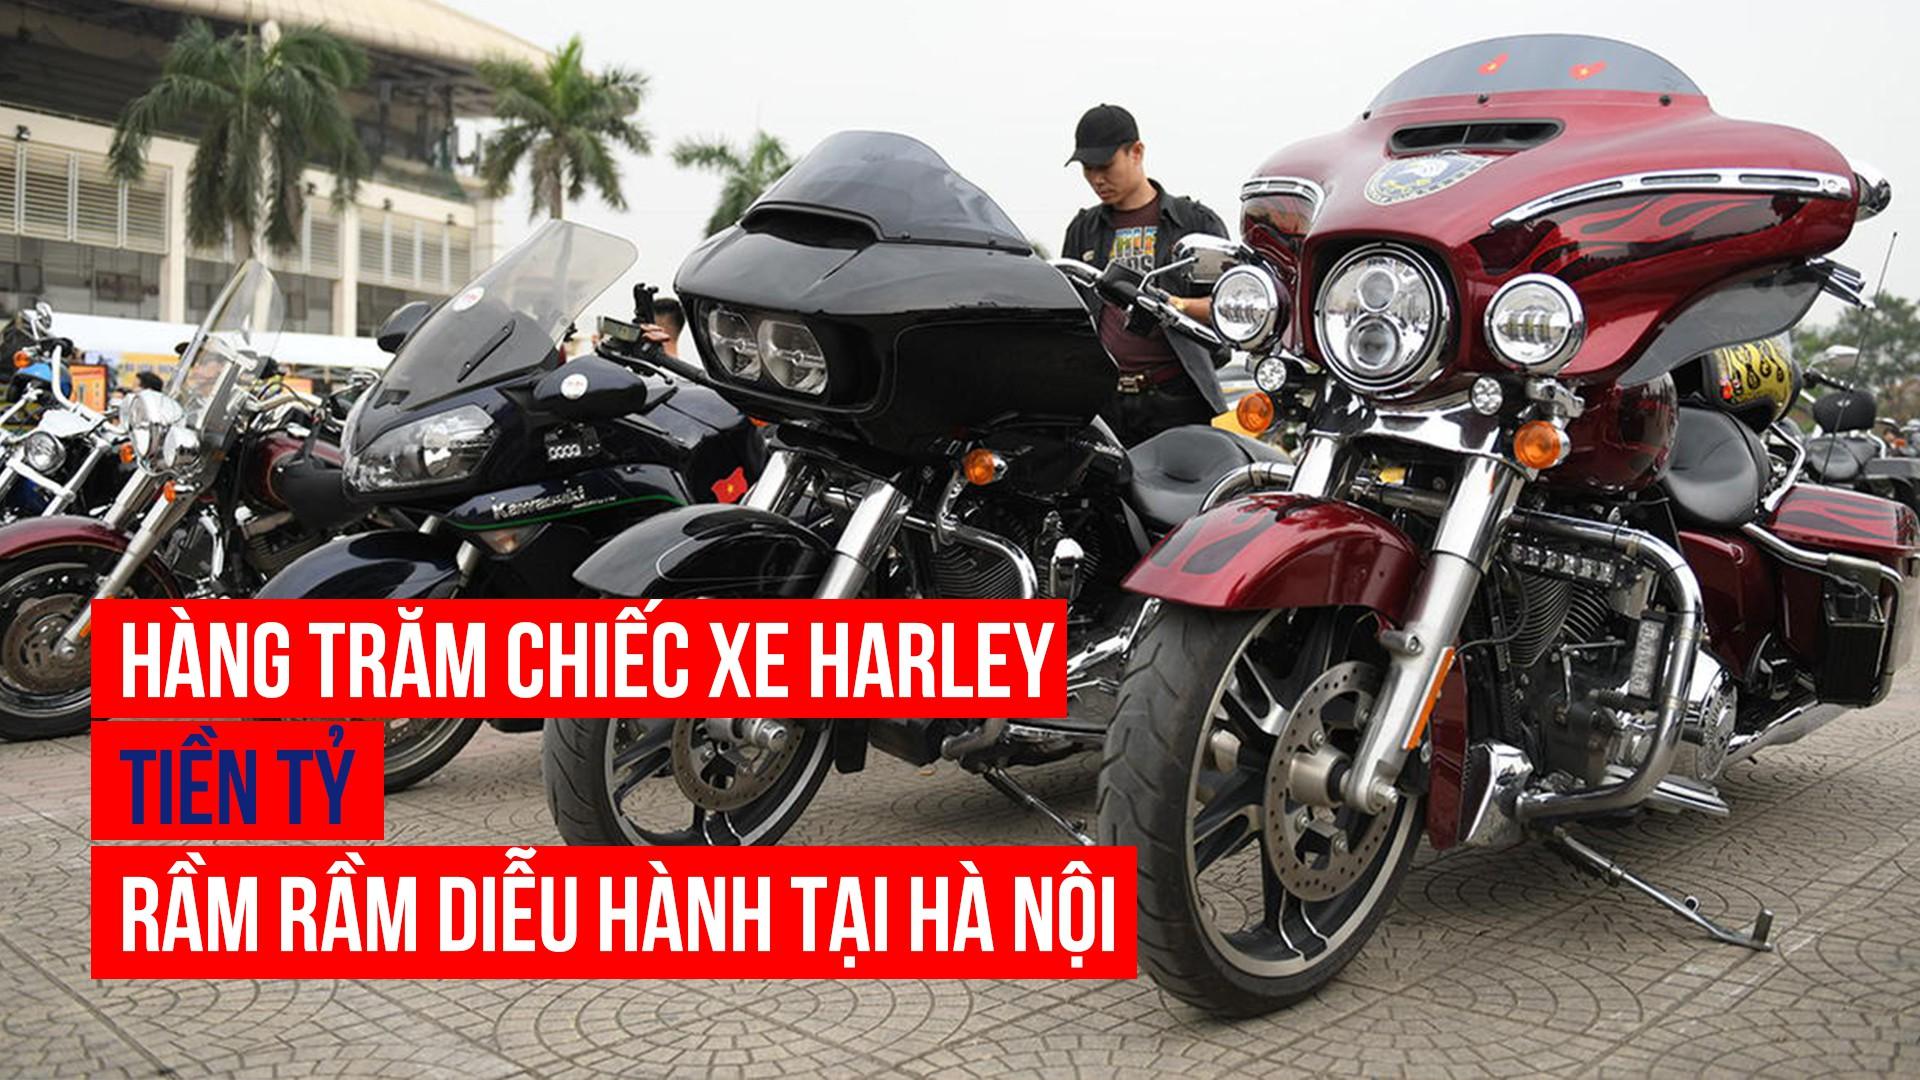 Hàng trăm chiếc xe Harley tiền tỷ rầm rầm diễu hành tại Hà Nội